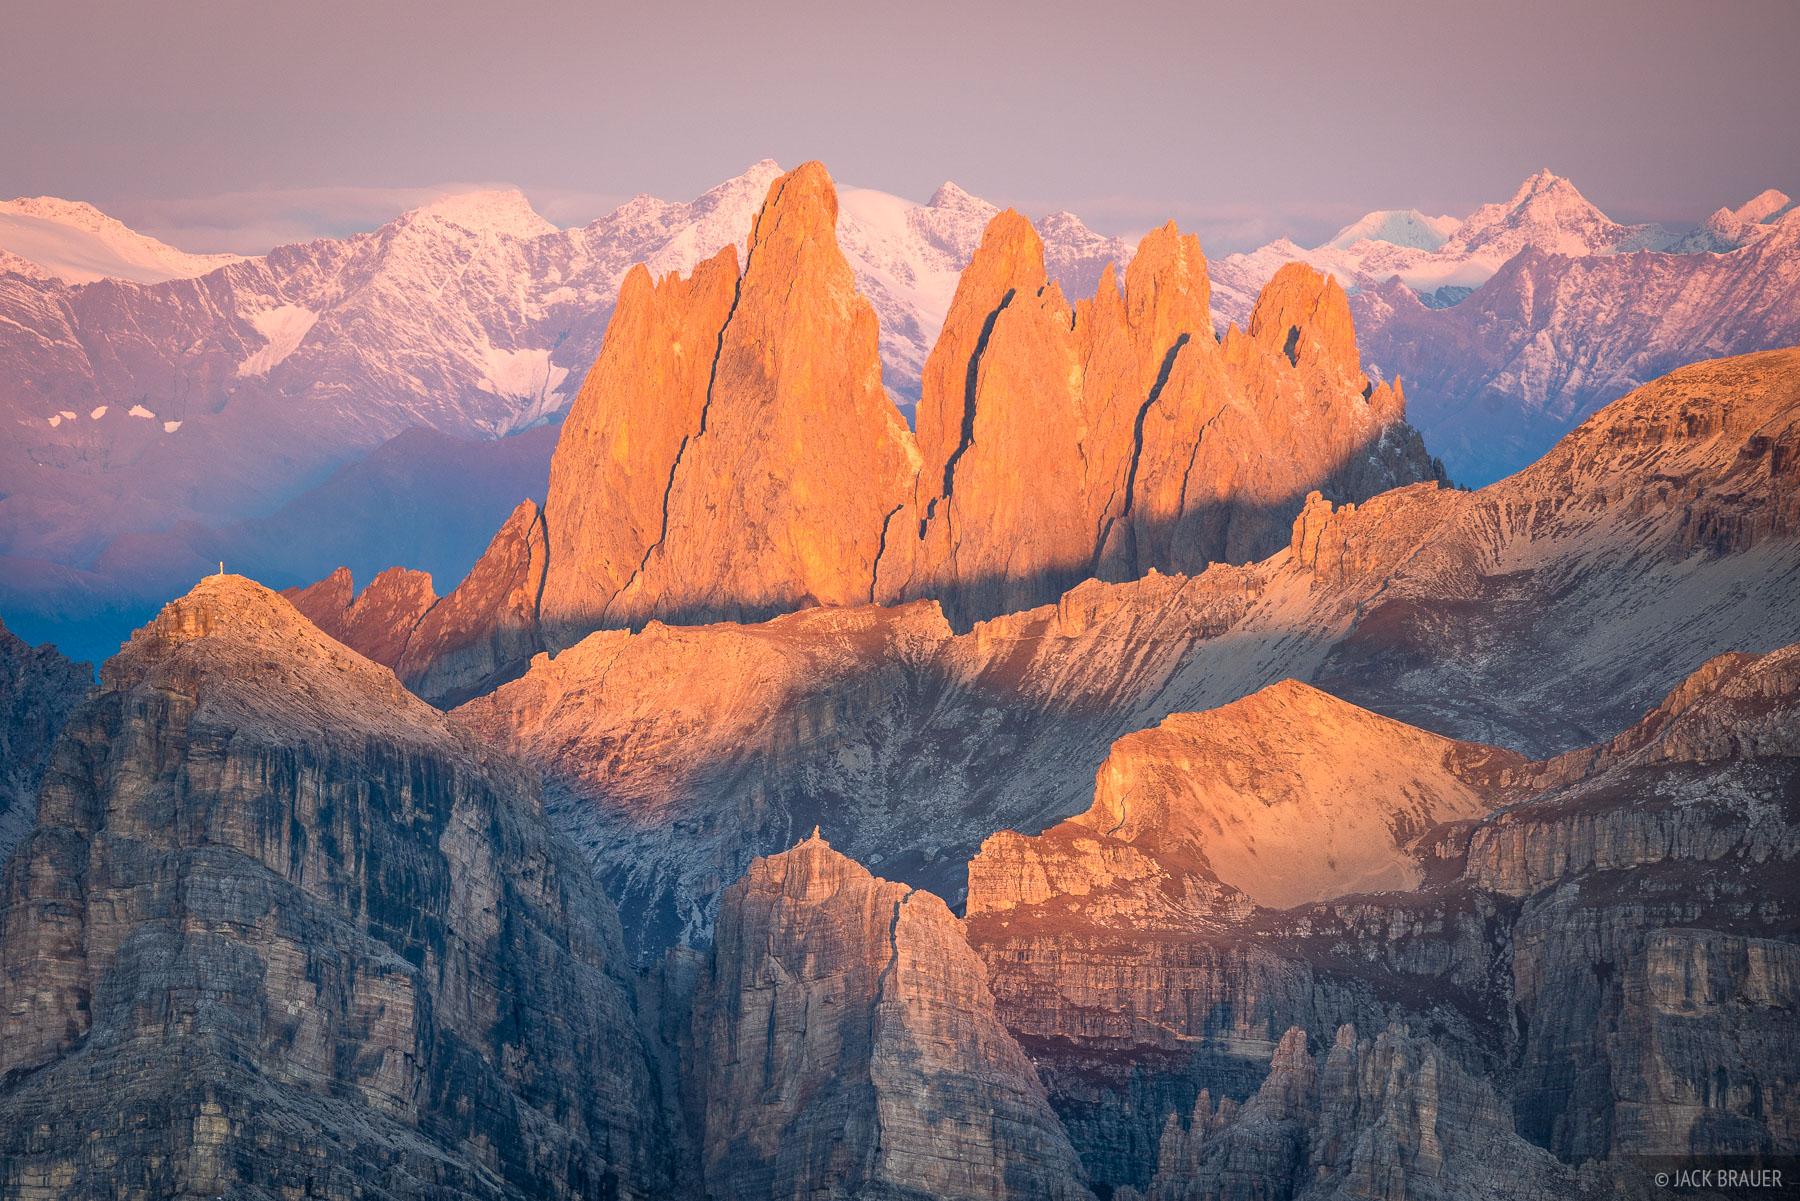 Dolomites, Italy, Lagazuoi, Puez-Geisler Group, Seceda, November, Alps, photo